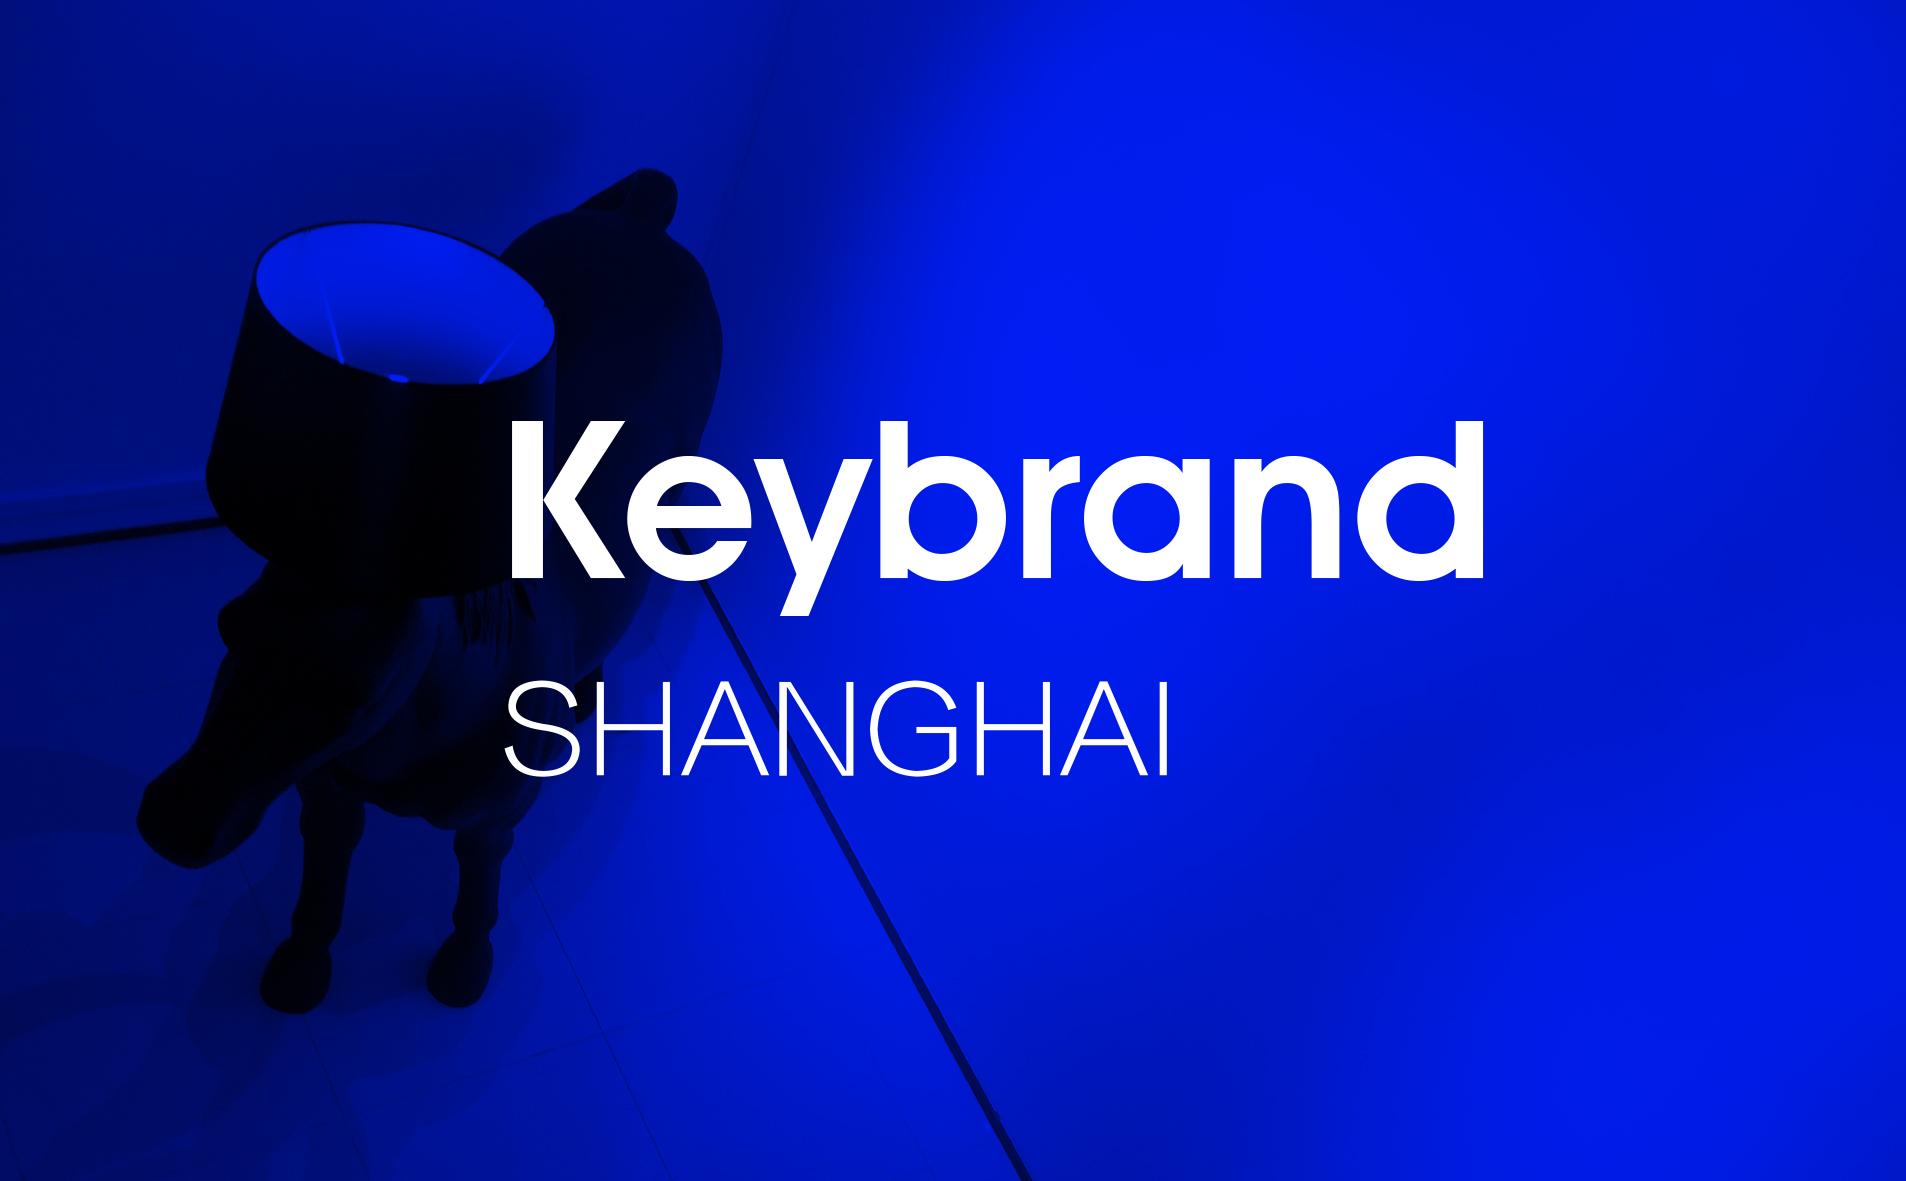 上海vi设计、logo设计、品牌策划、品牌设计_[上海启创]